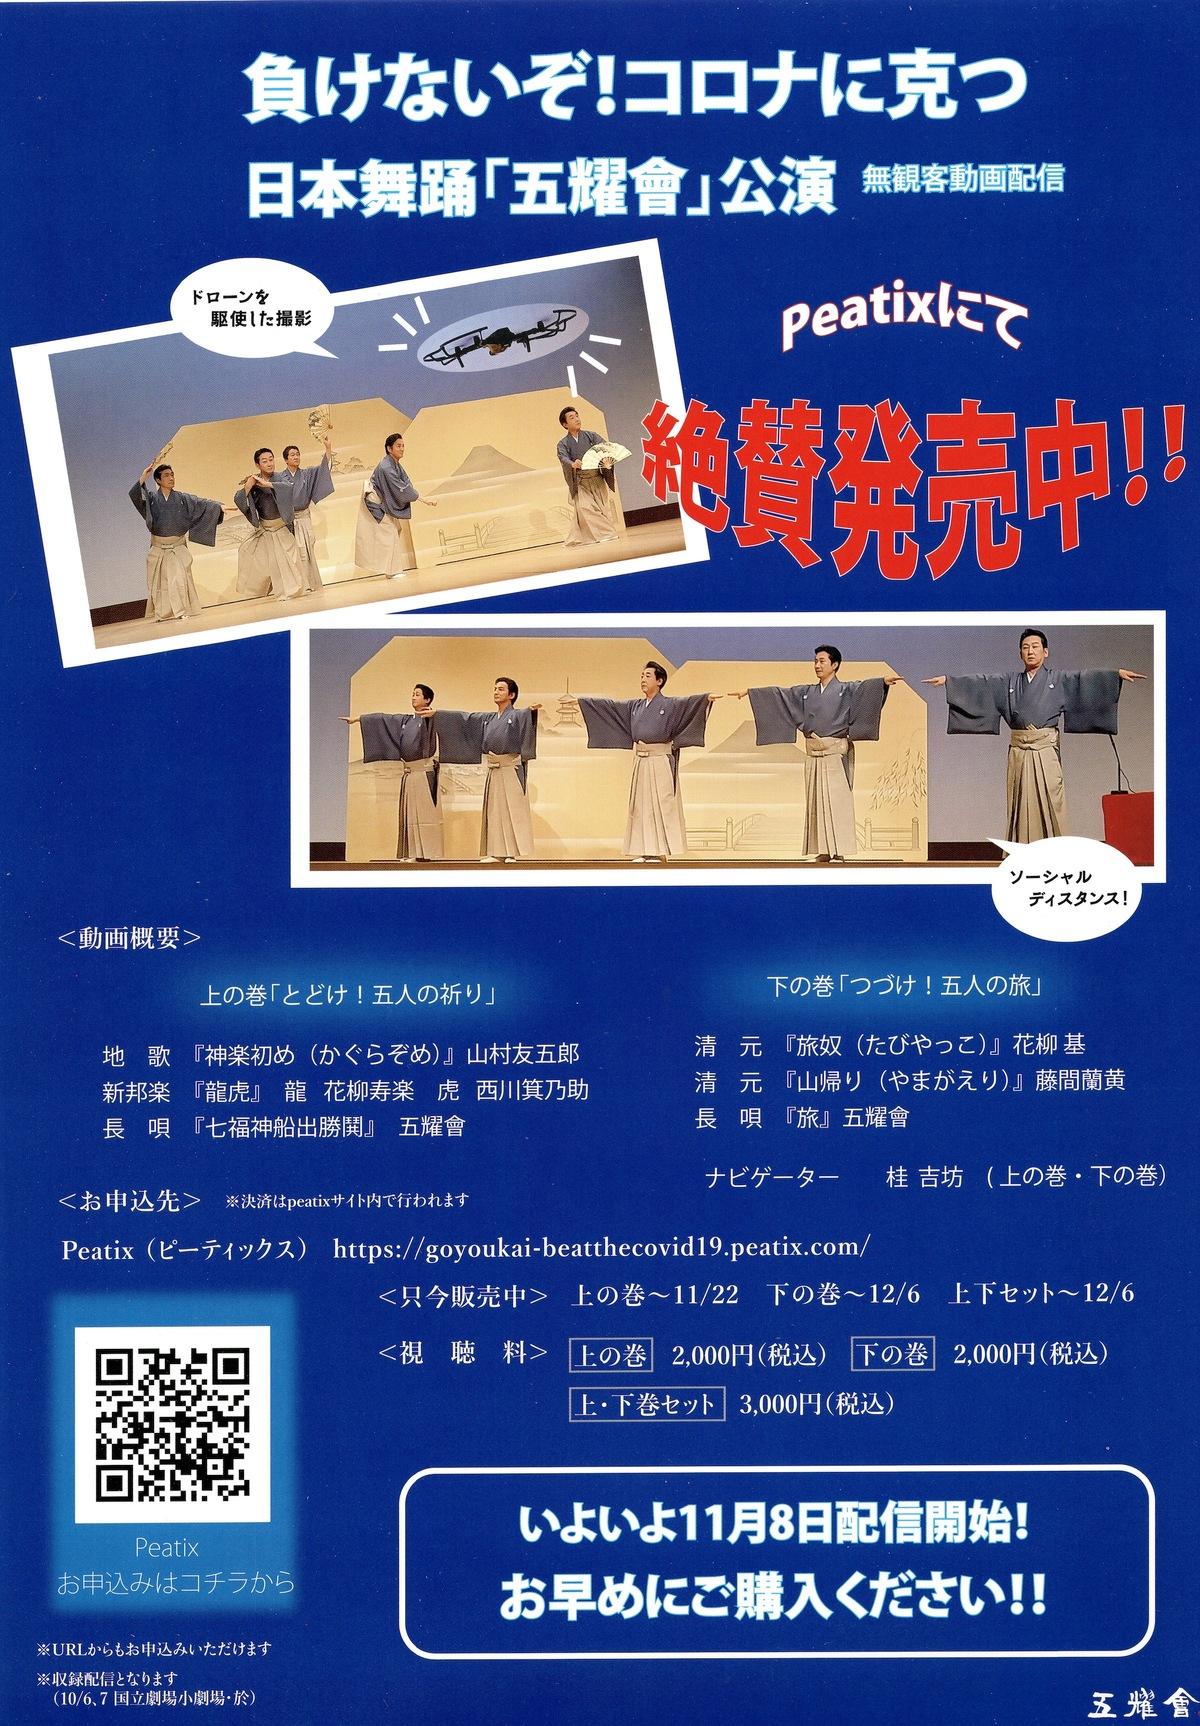 負けないぞ!コロナに克つ 日本舞踊「五耀會」公演 無観客動画配信ポスター